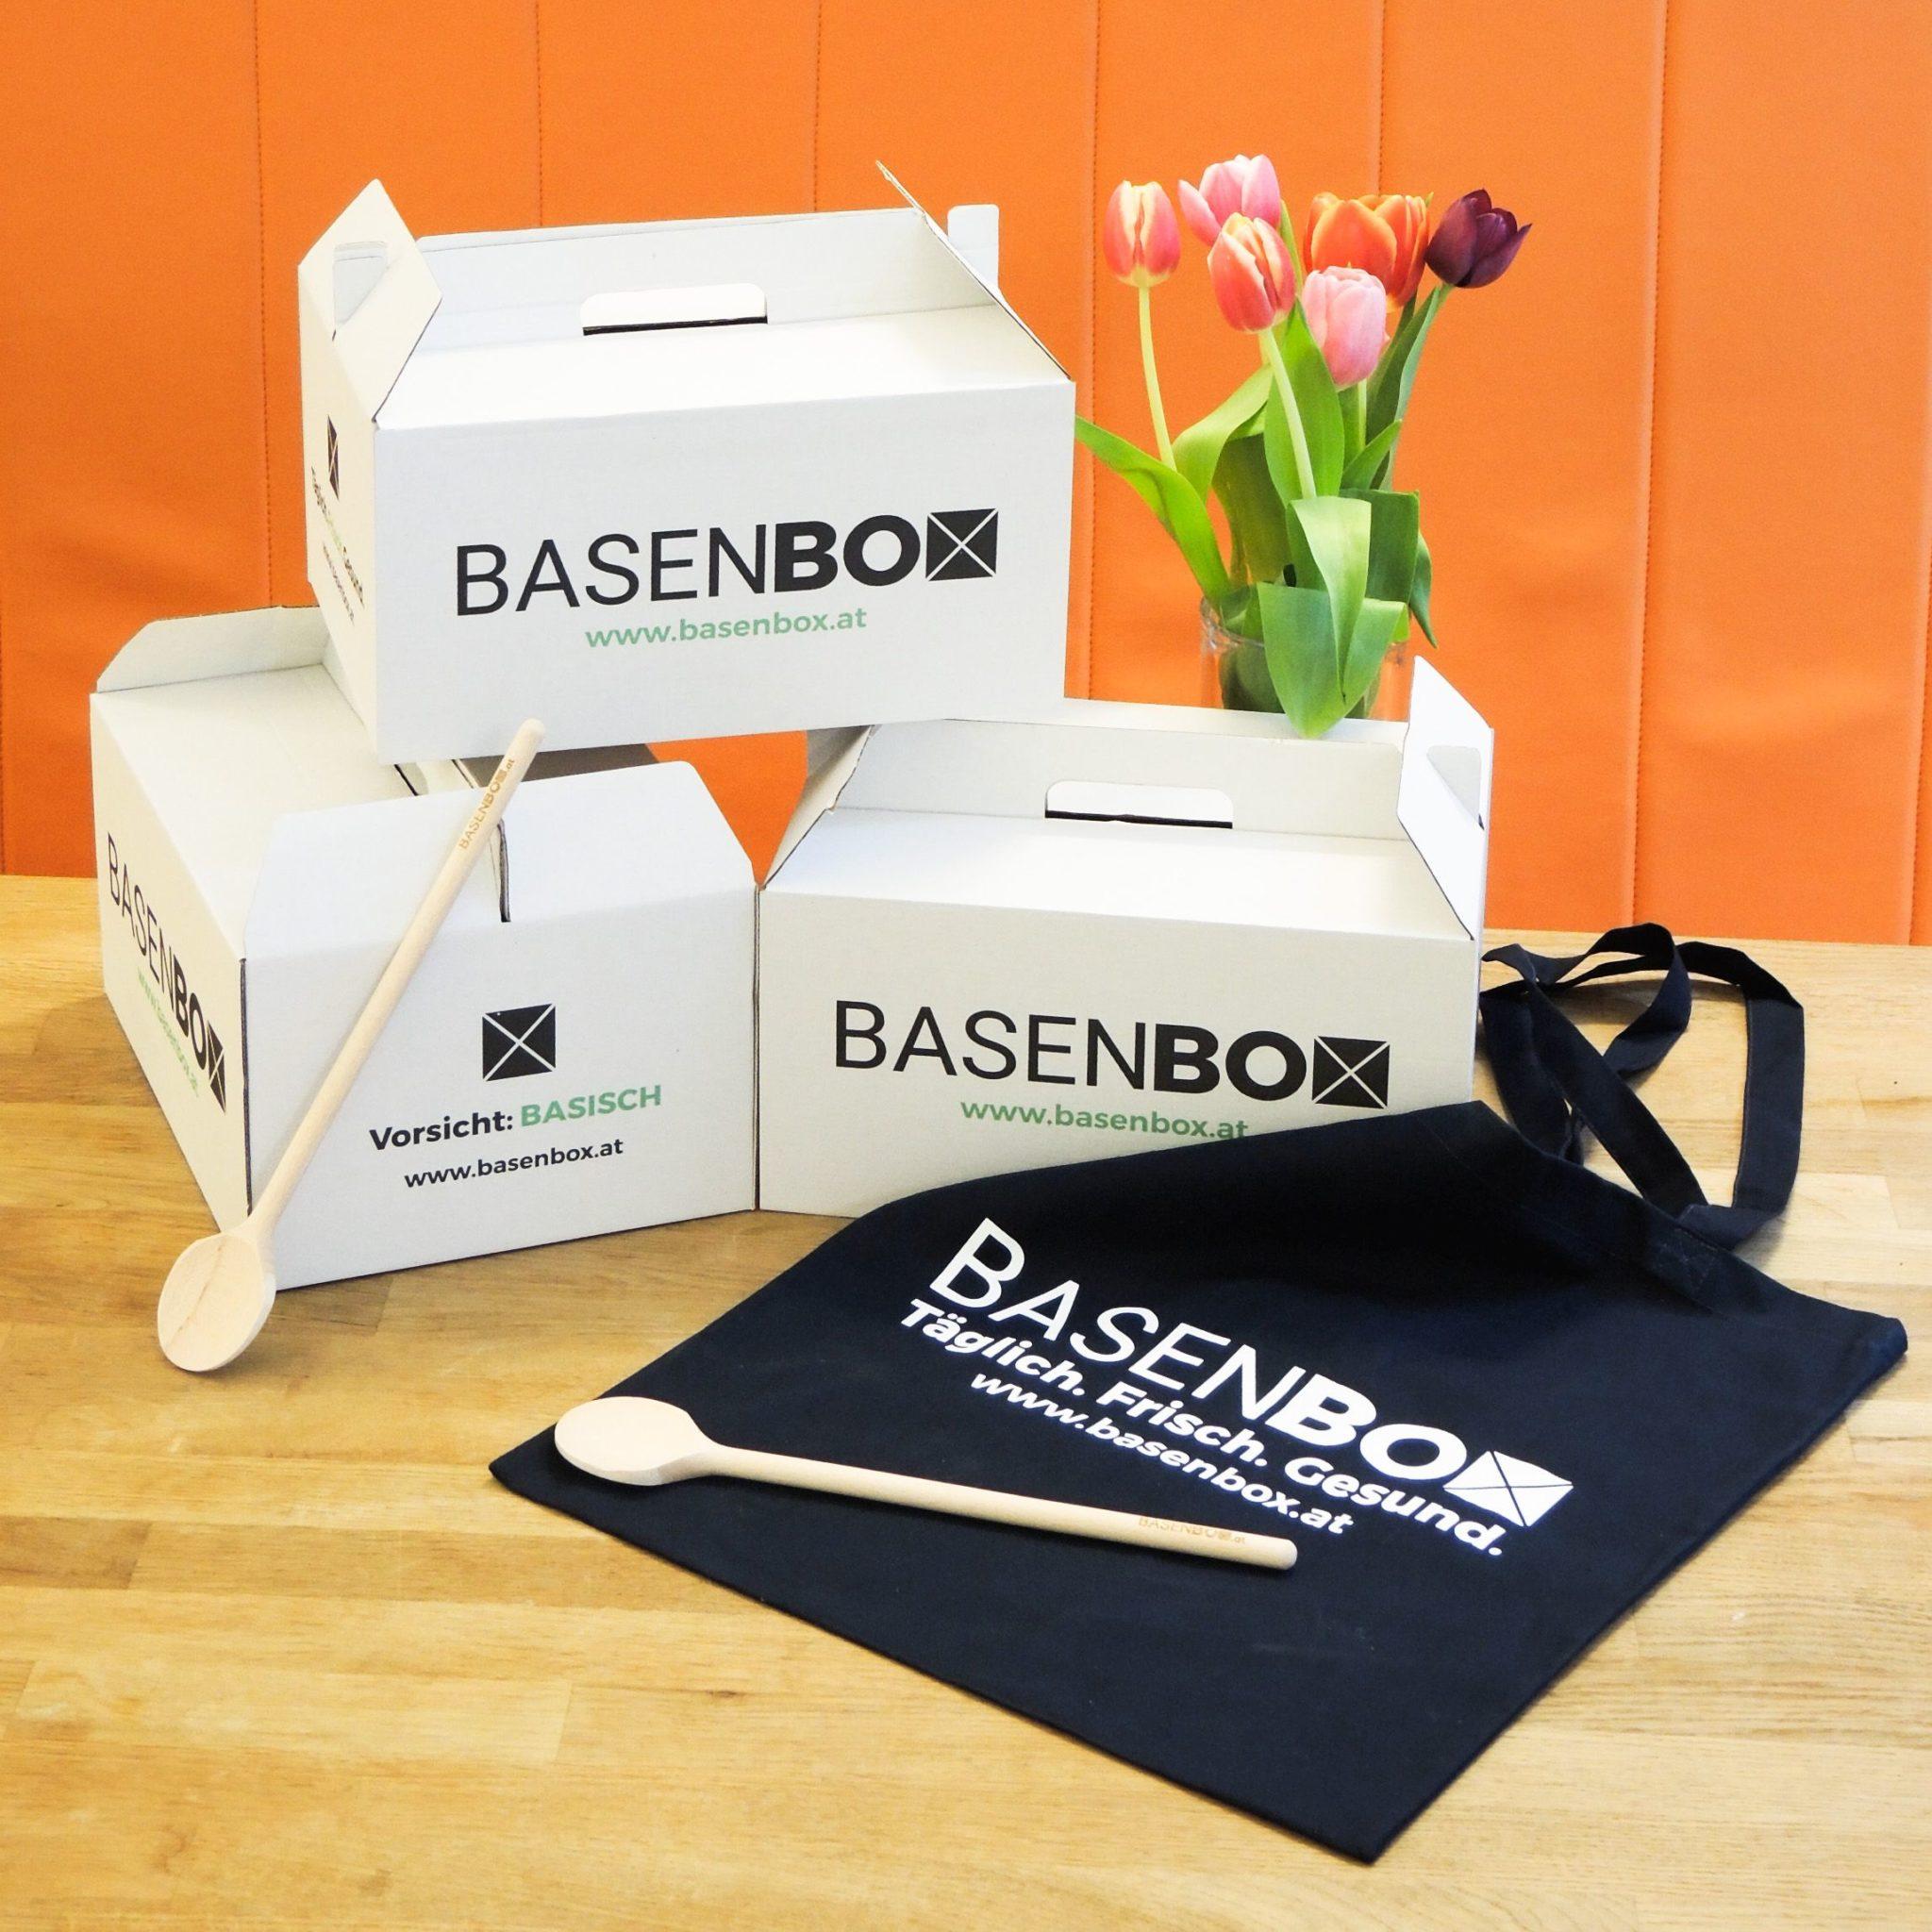 BASENBOX Fruehstuecks Mittags und - Mit BASENBOX zu einem ausgeglichenem Säure-Basen-Haushalt